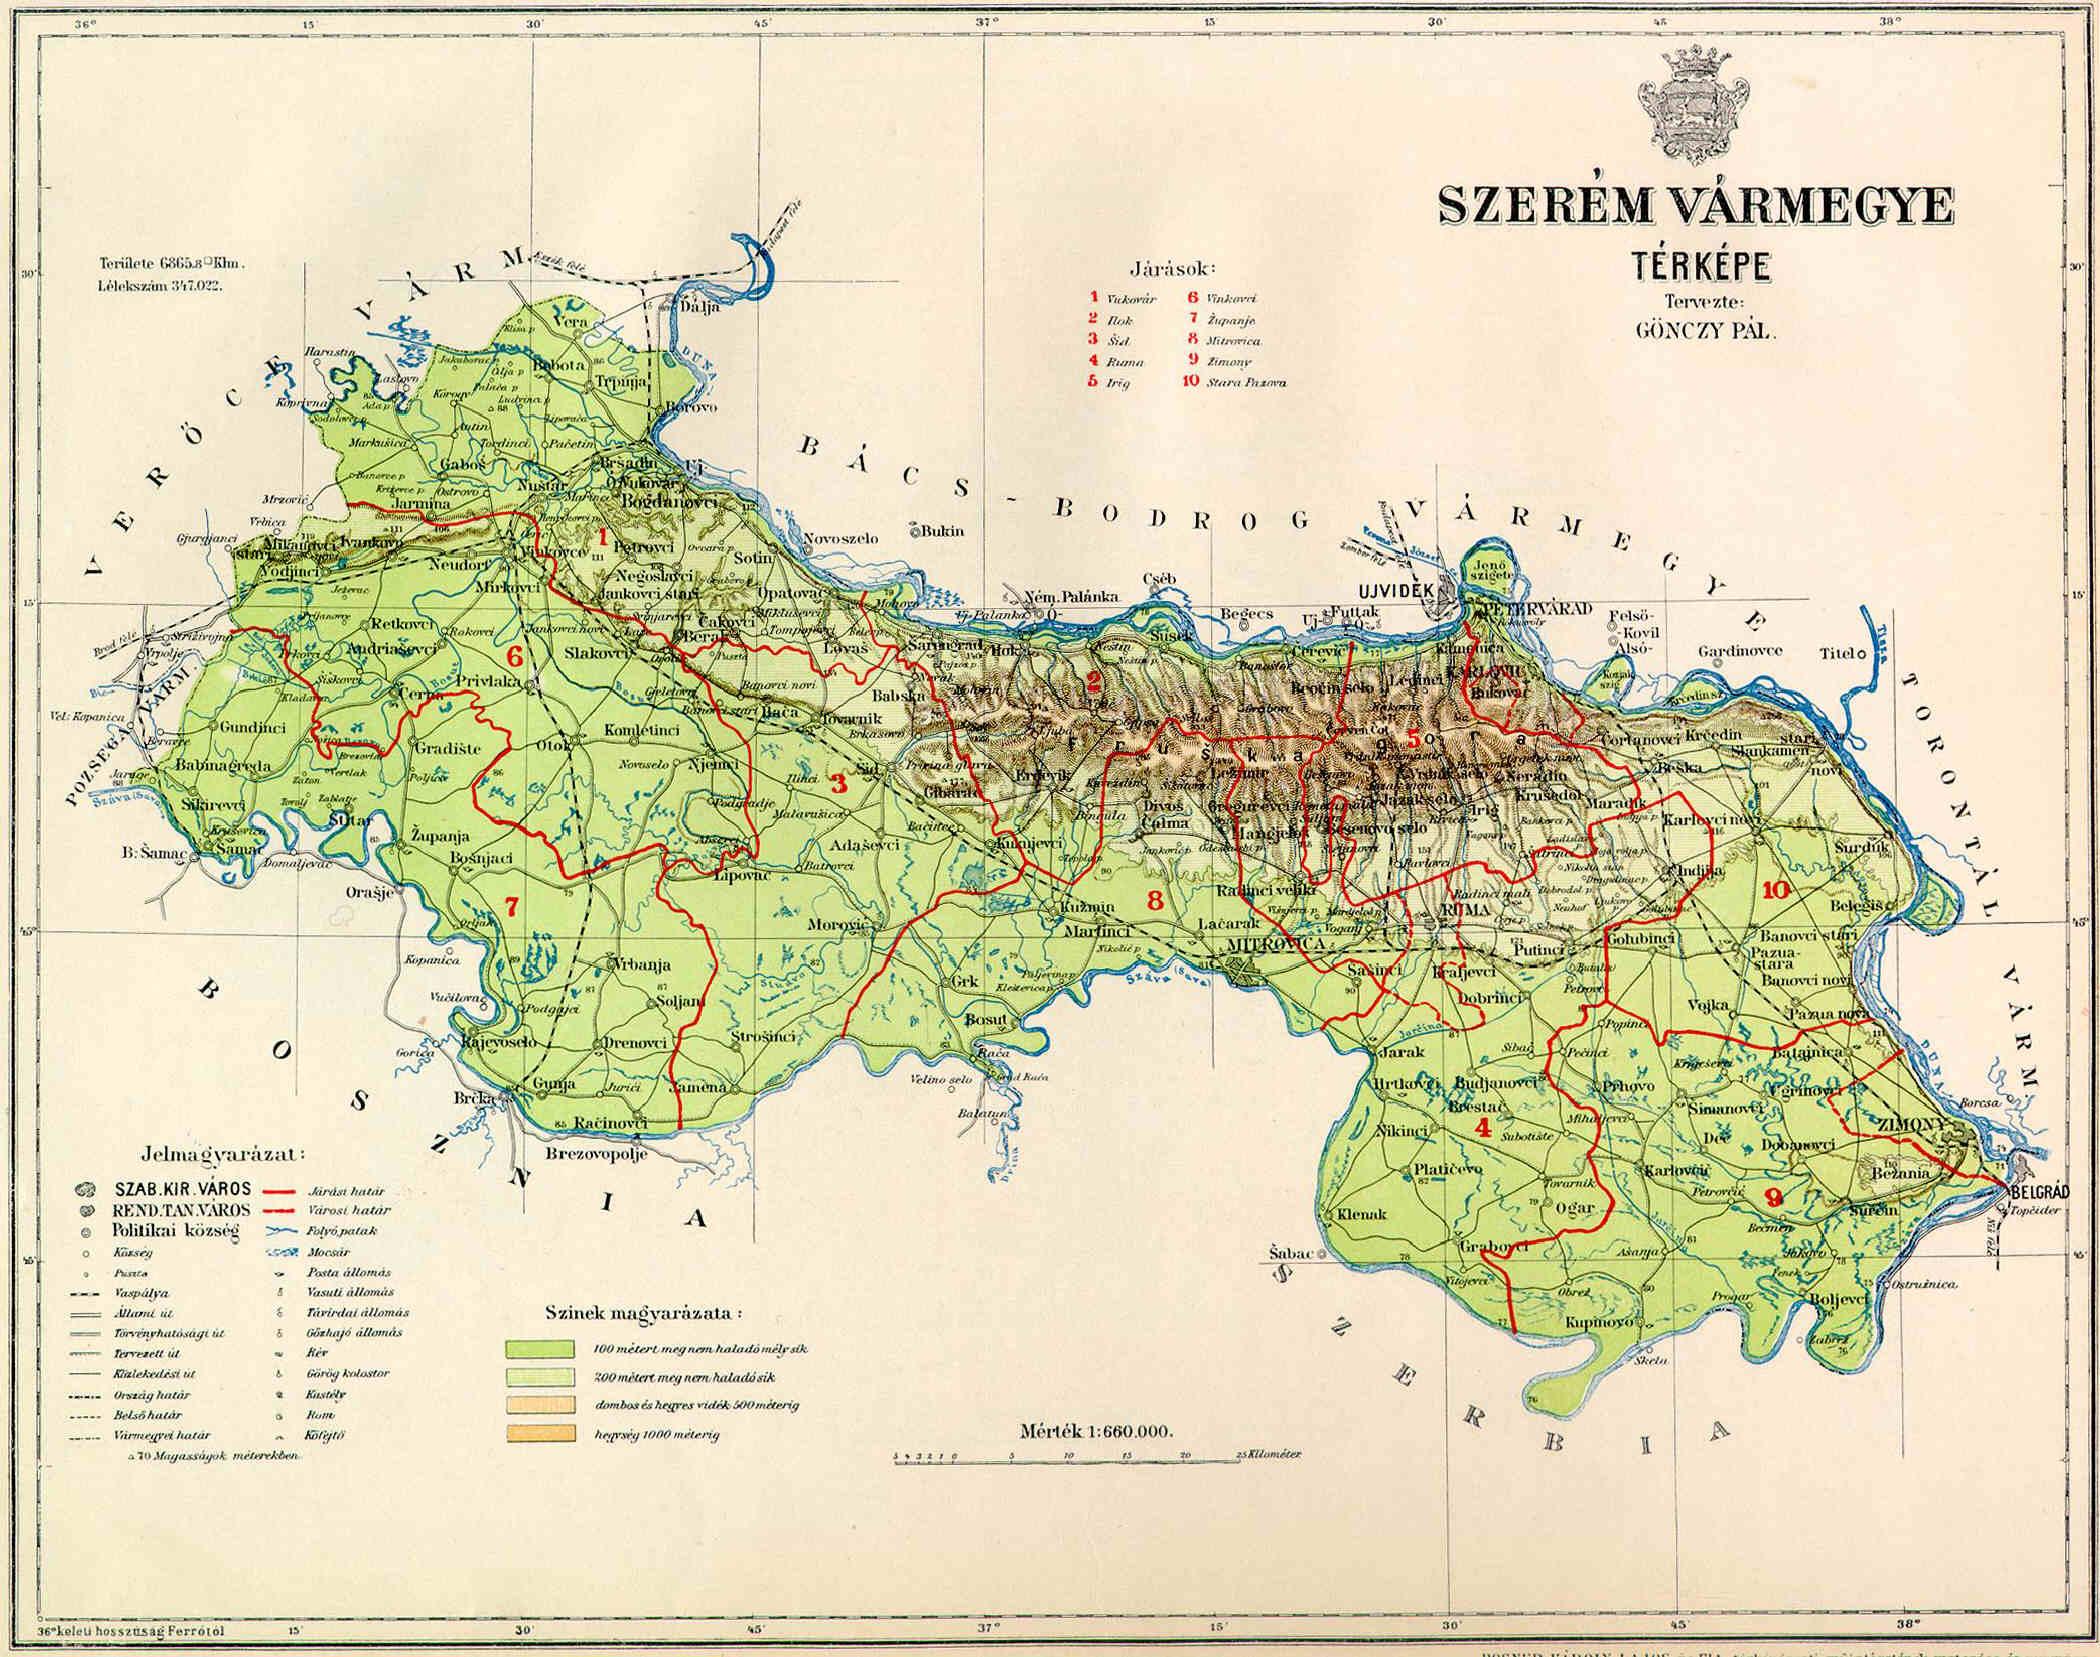 Donauschwaben Region Slavonia Maps Dvhh